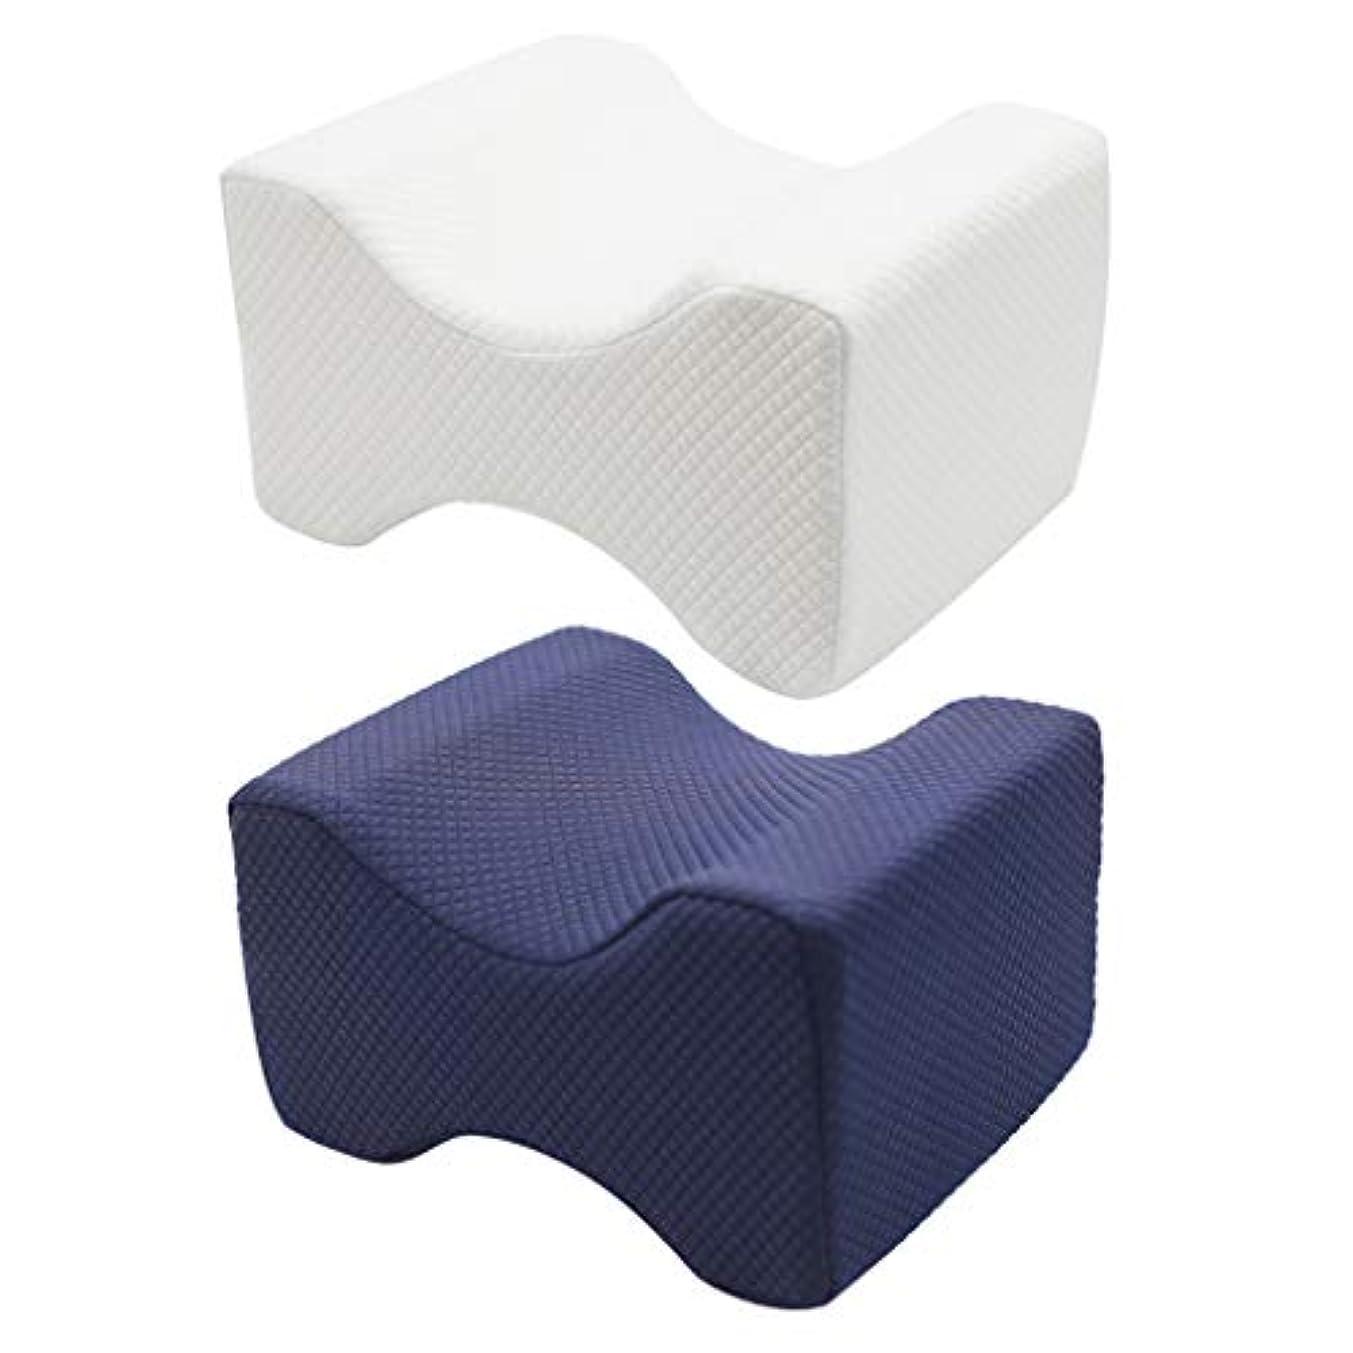 ゲスト複雑なカバレッジSharrring記憶枕 肩こり対策 まくら 低反発枕、快眠枕 首?頭?肩 頸椎サポート 頭痛改善 ストレートネック矯正マクラ (白)